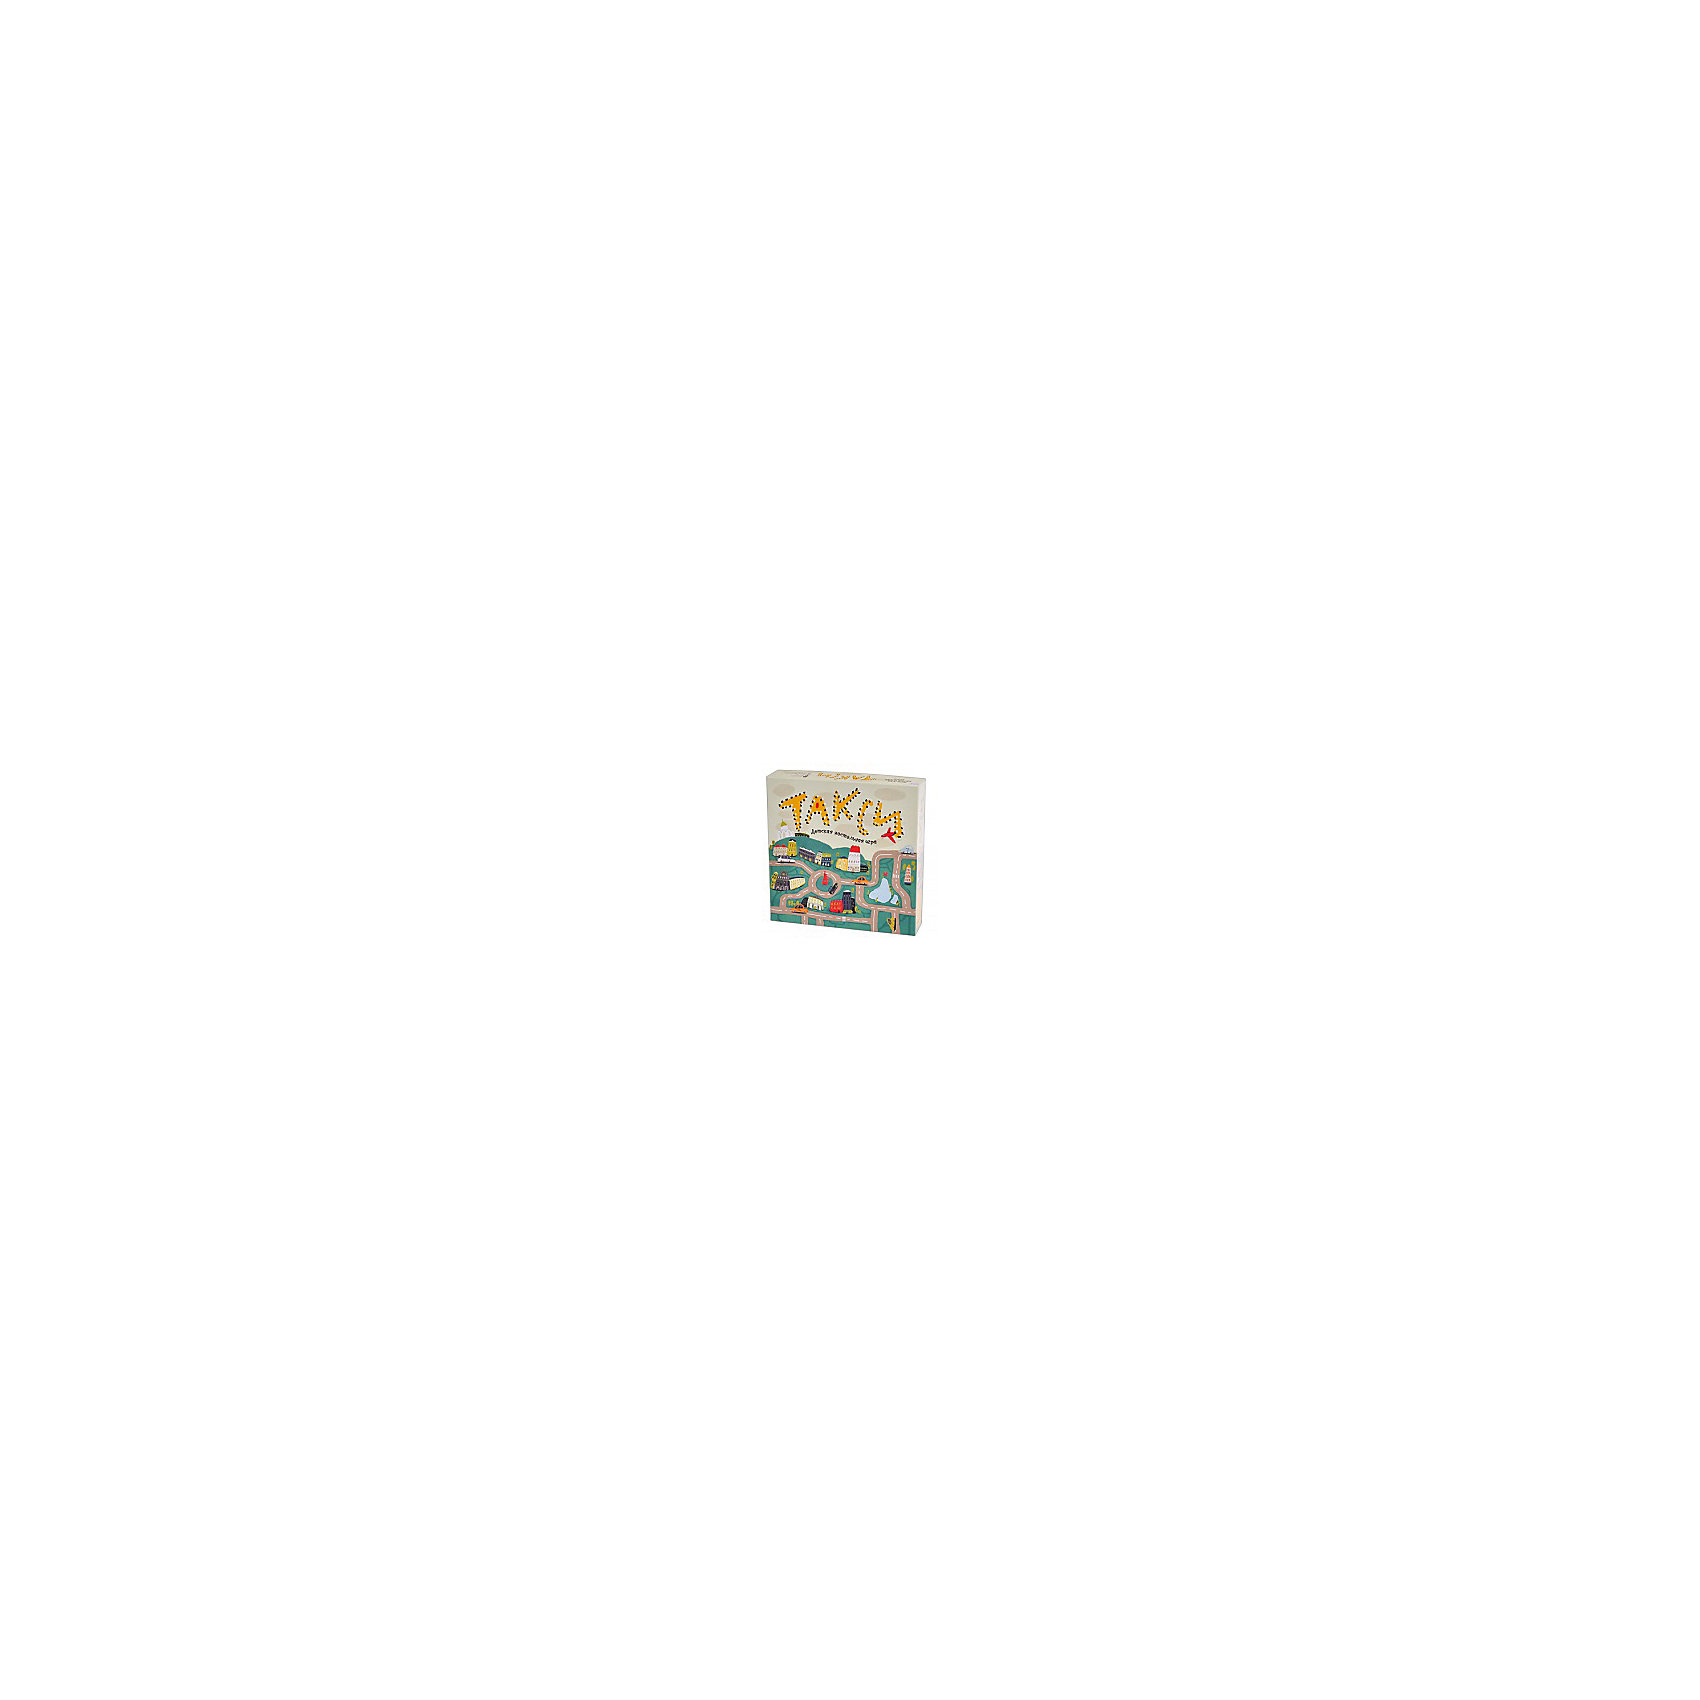 Настольная игра Такси, МагелланНастольная игра Такси, Магеллан<br><br>Характеристики:<br><br>- в набор входит: карточки поля, фигурки машинок (4 шт.), карточки с направлениями движения, карточки задания, правила<br>- количество игроков: 2 - 4<br>- время 1 партии игры: 20 - 40 минут<br><br>Эта увлекательная игра от российского производителя настольных игр и подарков «Магеллан» приведет детей в восторг и они захотят играть в нее снова и снова. Не сложная, но захватывающая, она привлечет внимание своей интересной структурой  и дизайном. Необходимо составить маршрут такси с помощью карточек указывающих движение согласно заданию. Задание может быть составить маршрут от школы до дома. Но каждую игру карта города будет новая, потому что карточки с дорогами могут быть перевернуты и поставлены на любое место. Если маршрут построен верно и машина приезжает в место назначения, игрок получает очко. Игрок, получивший 5 очков выигрывает. Игра поможет развить внимательность и  логическое мышление. <br><br>Настольную игру Такси, Магеллан можно купить в нашем интернет-магазине.<br><br>Ширина мм: 257<br>Глубина мм: 60<br>Высота мм: 253<br>Вес г: 628<br>Возраст от месяцев: 84<br>Возраст до месяцев: 2147483647<br>Пол: Унисекс<br>Возраст: Детский<br>SKU: 5076550